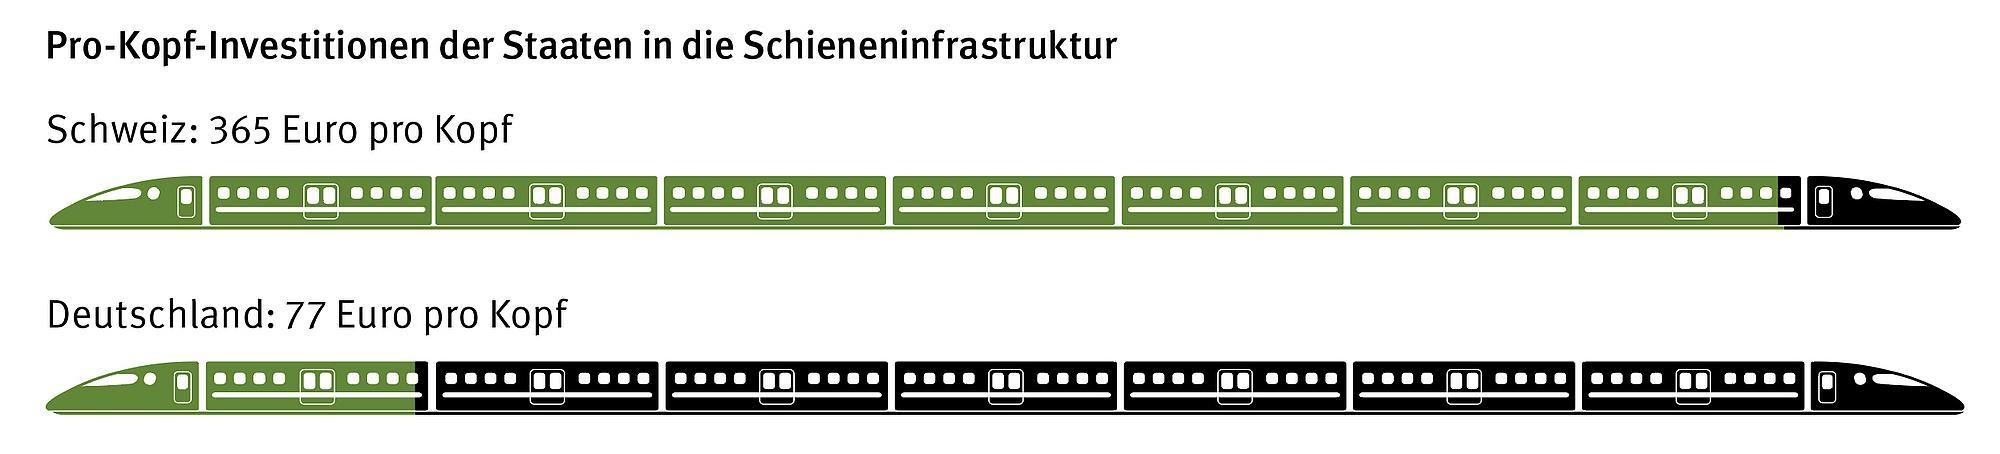 Grafik pro-Kopf-Investitonen der Staaten in die Schieneninfrastruktur. Vergleich der Schweiz mit Deutschland.